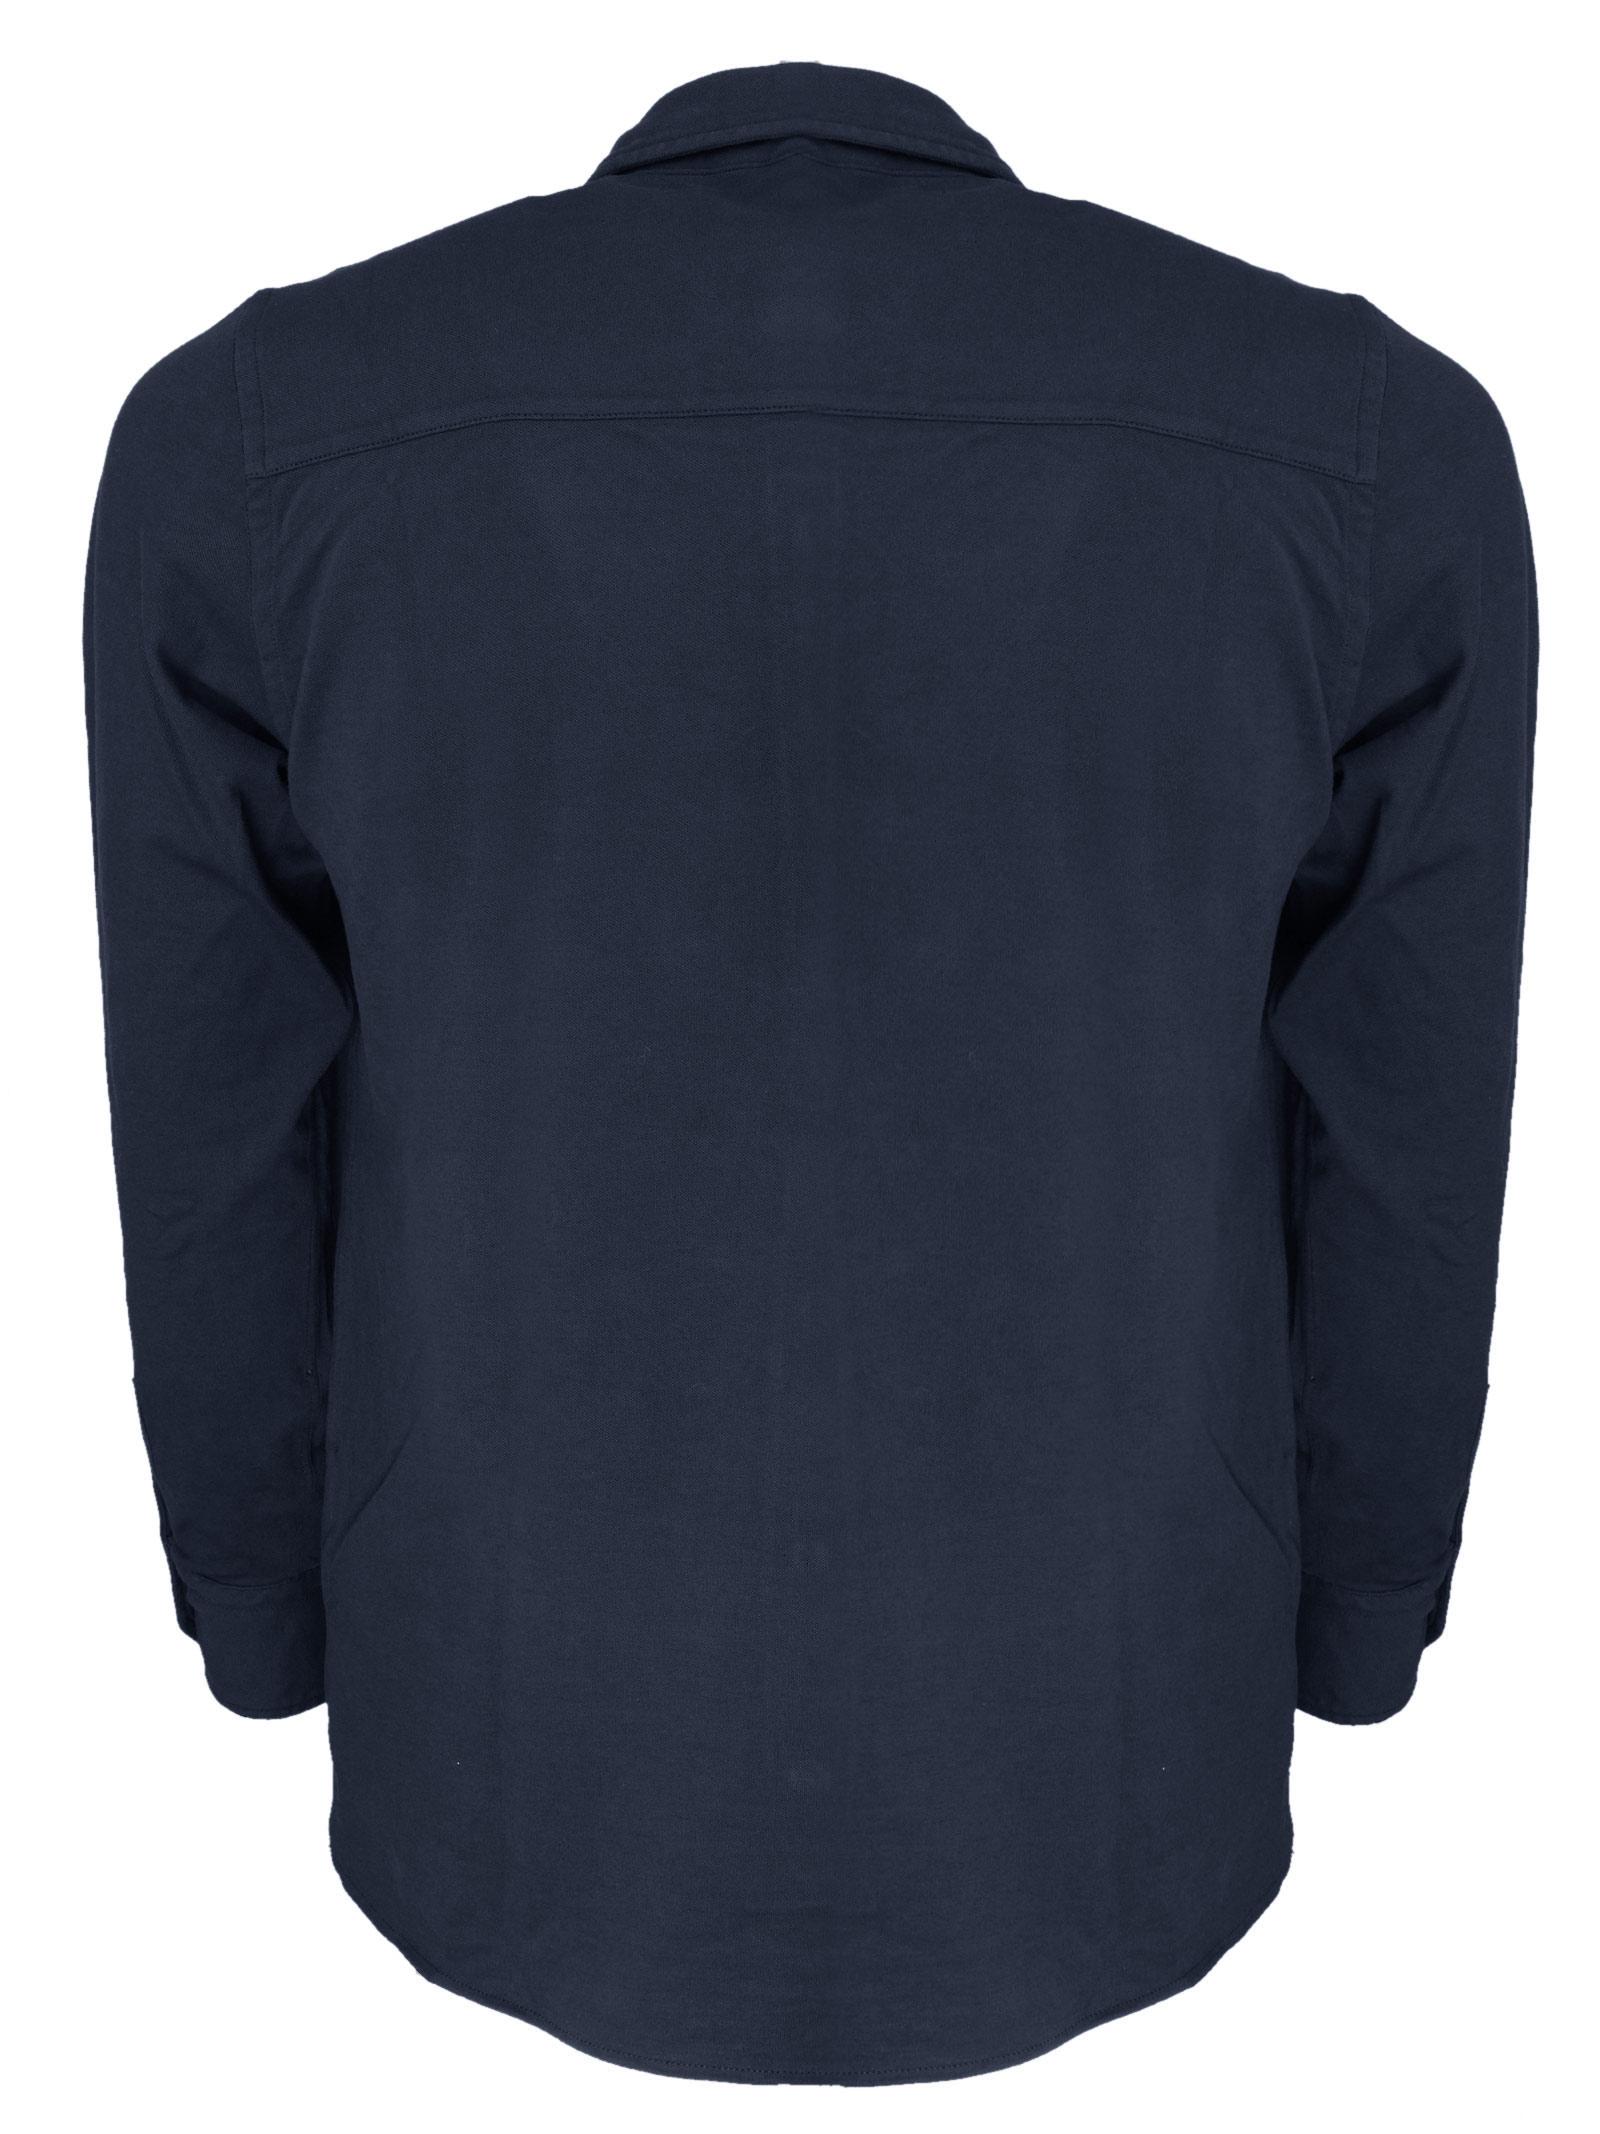 Polo camicia maniche lunghe in micro piquet H953 | Polo | 325590